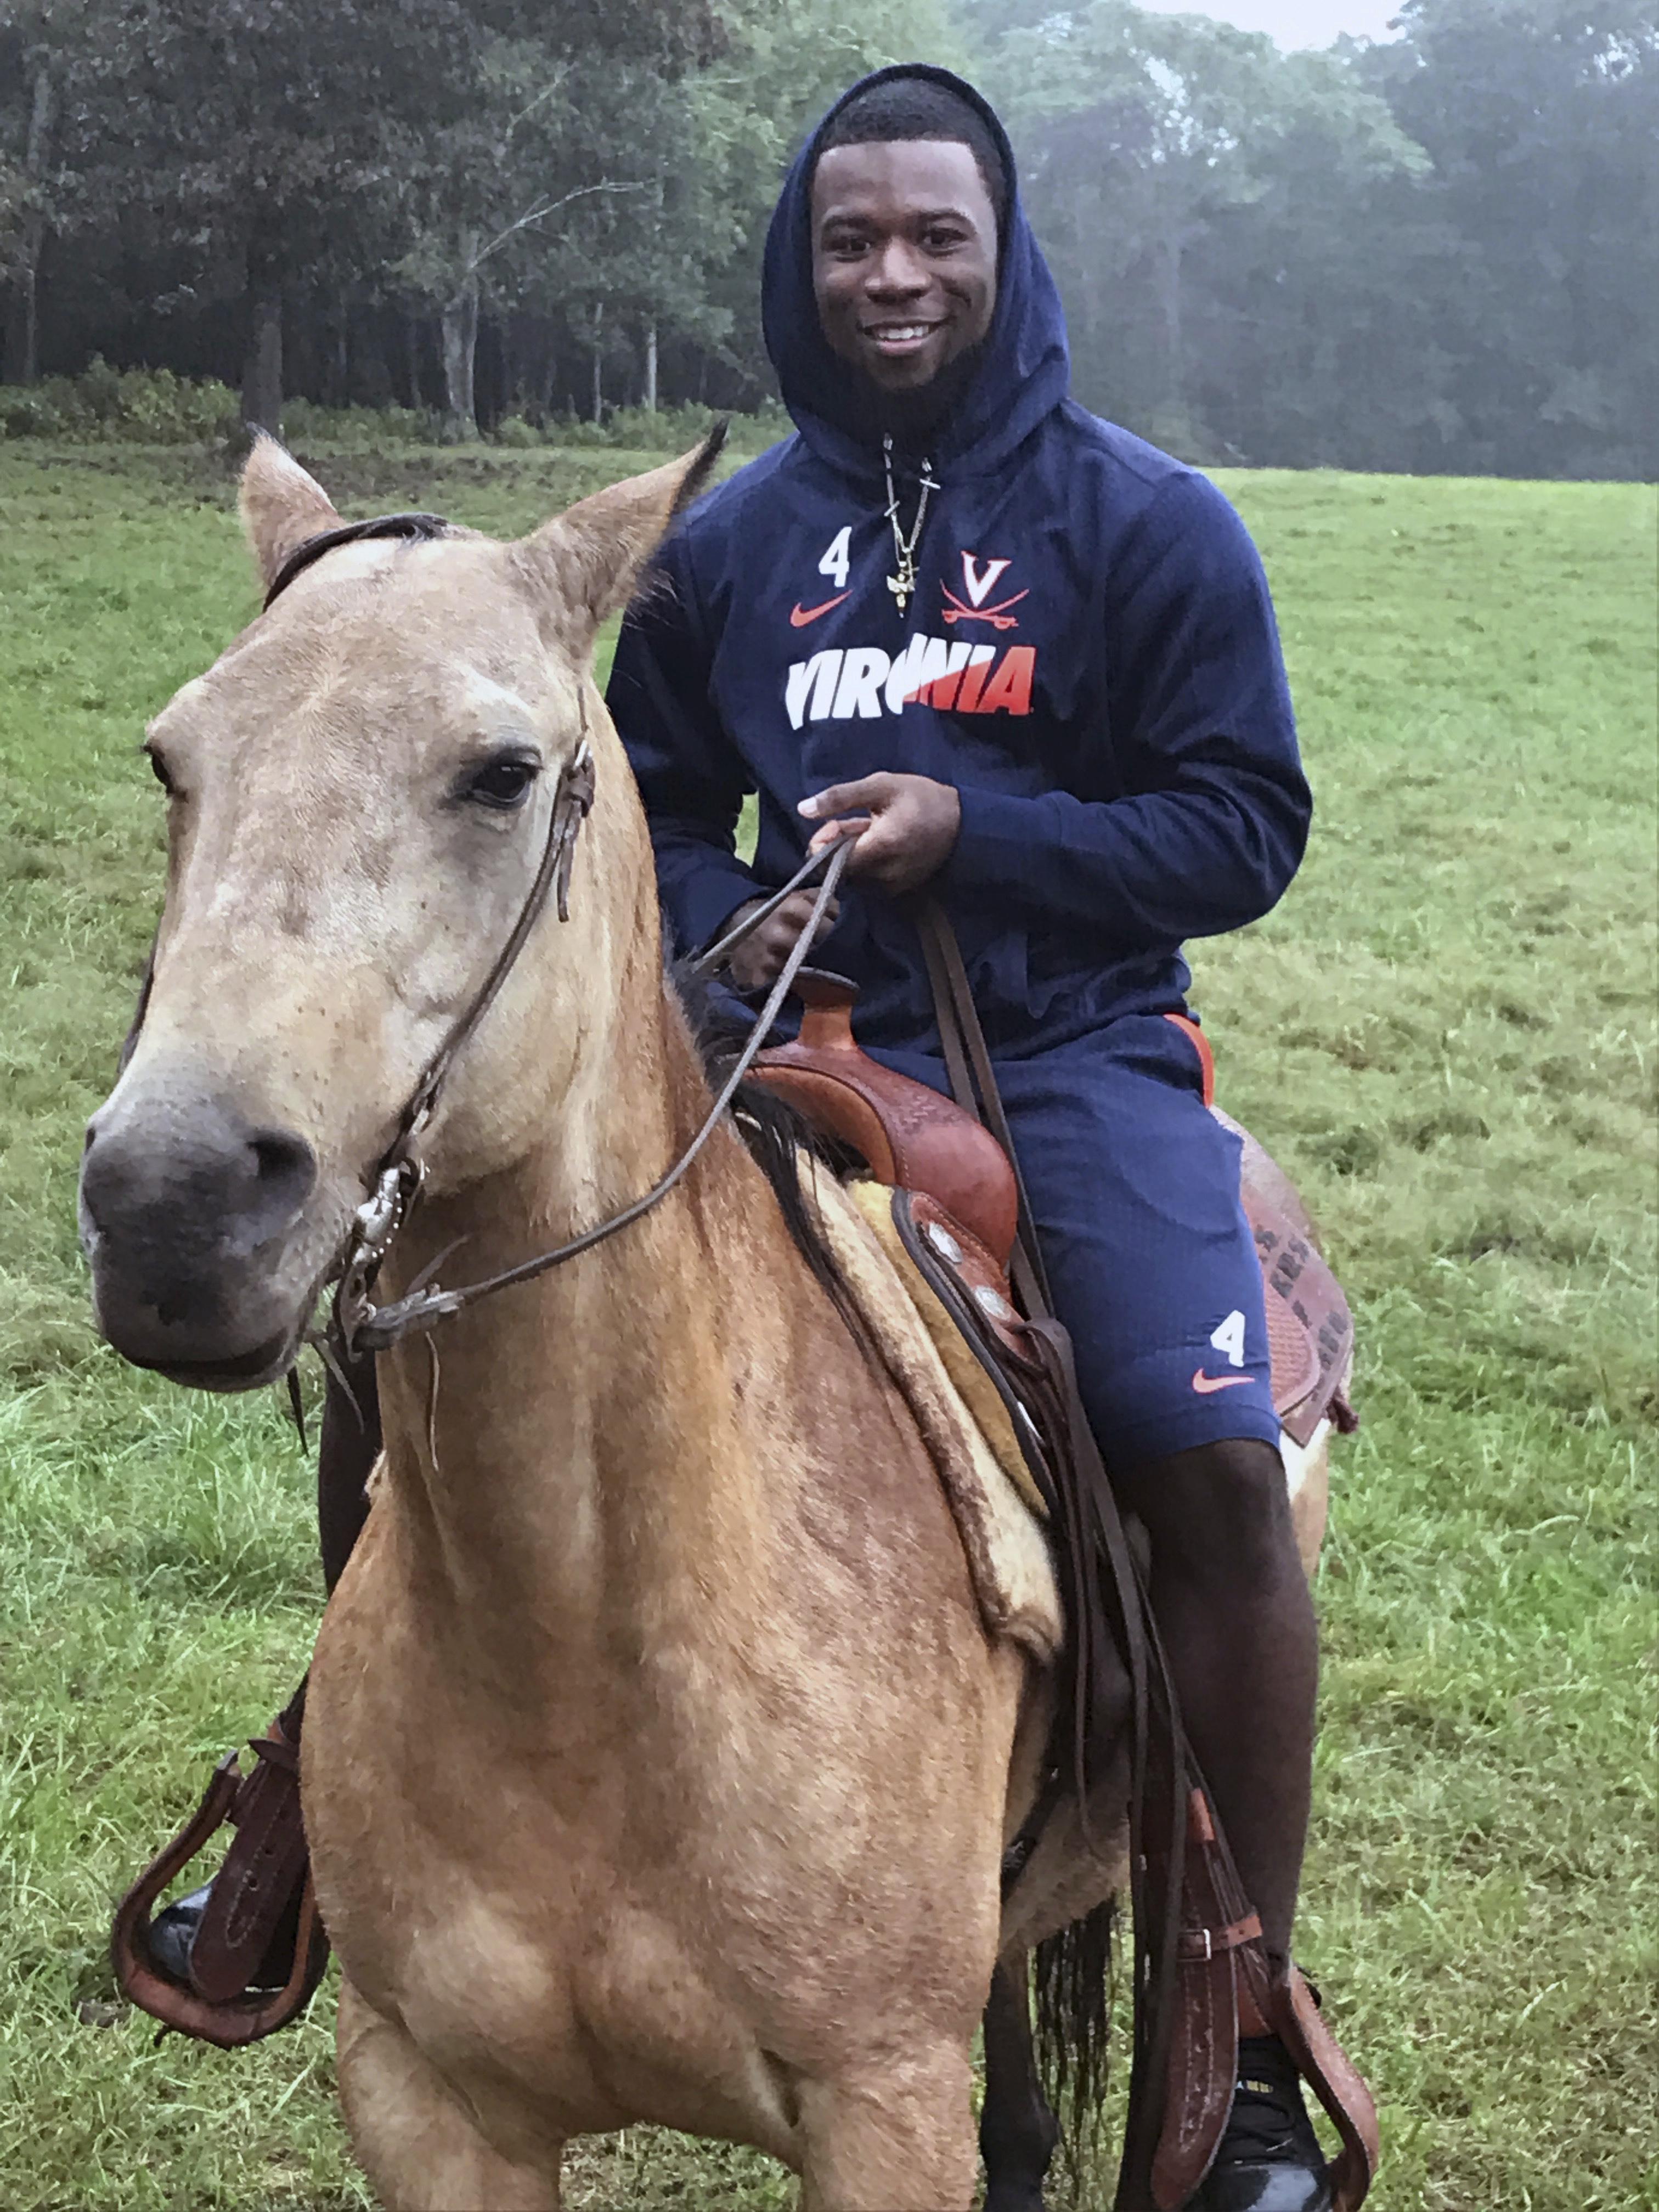 Virginia_horses_football